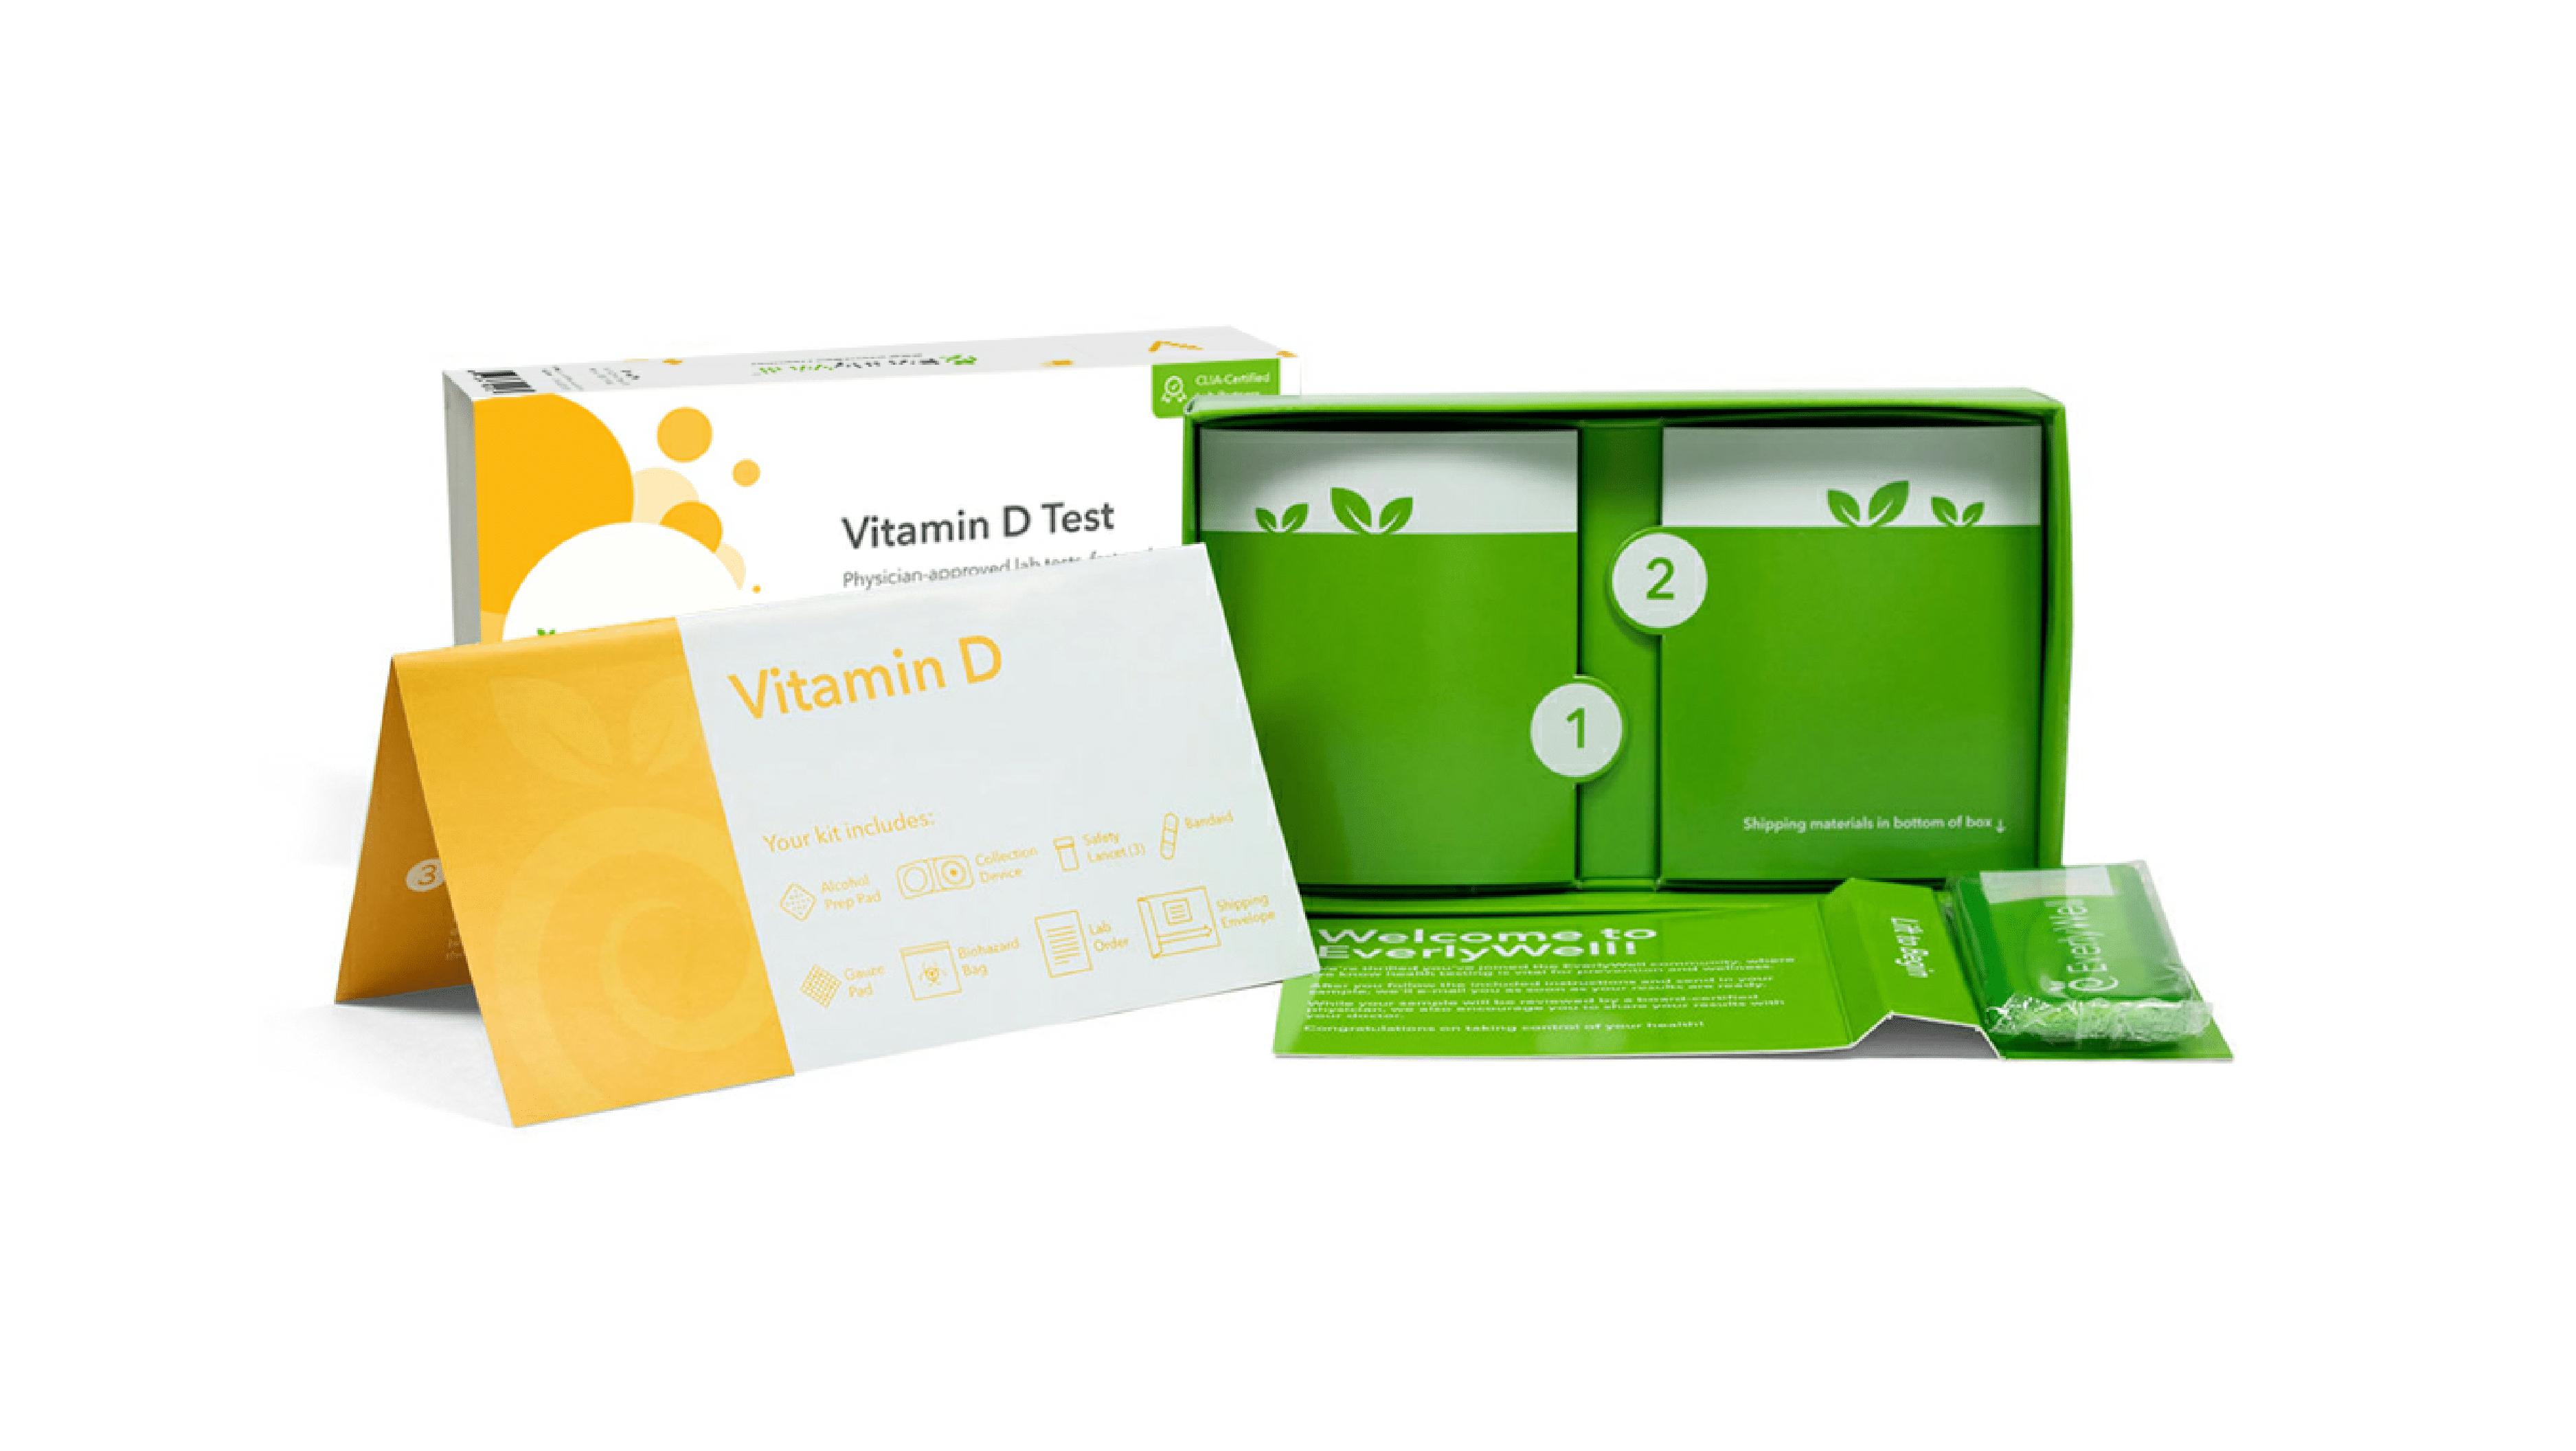 Vitamin D Test 3-1